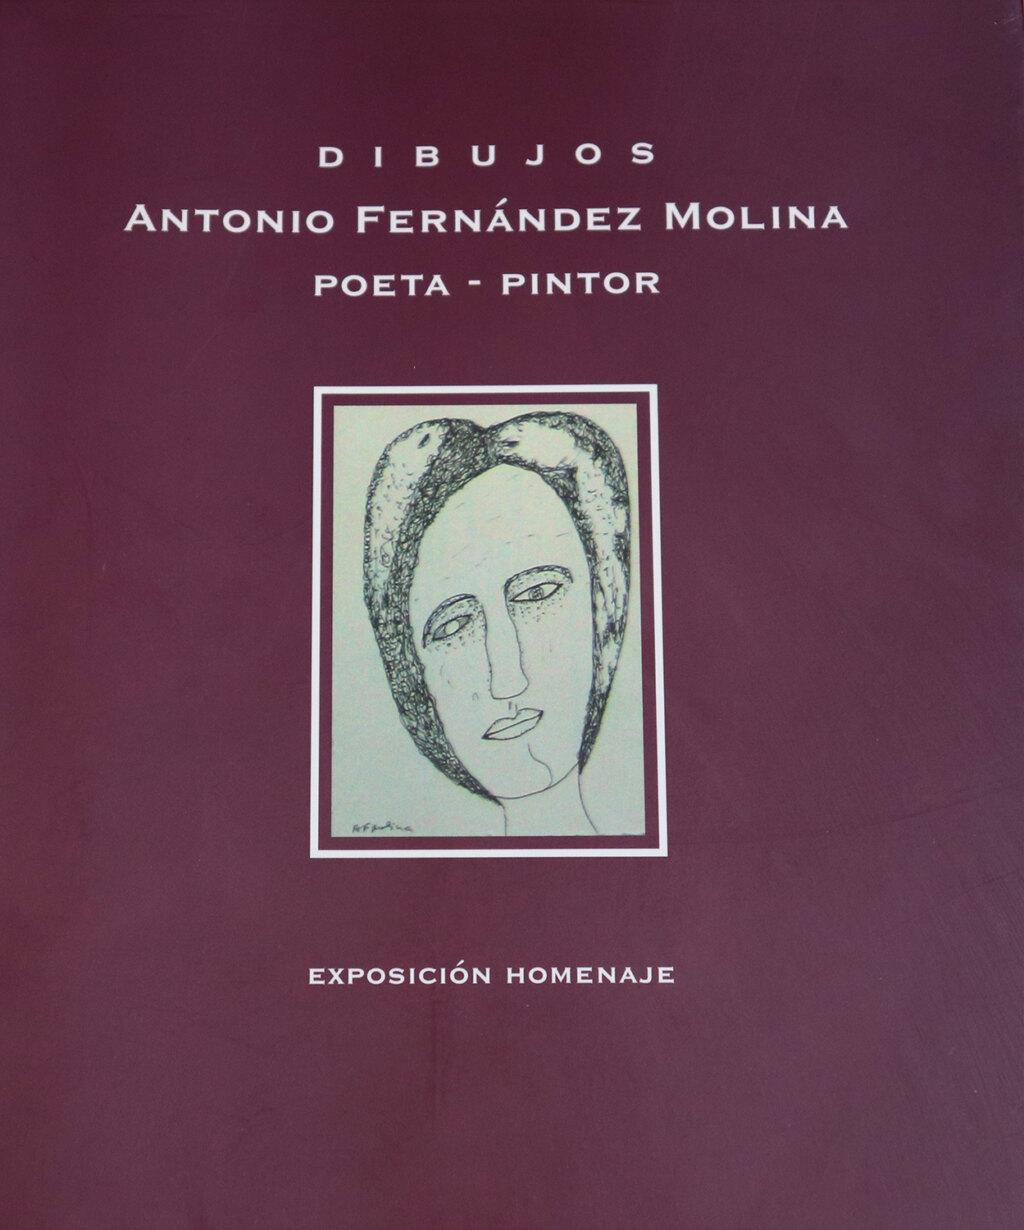 Portada del libro Dibujos Antonio Fernandez Molina Poeta Pintor